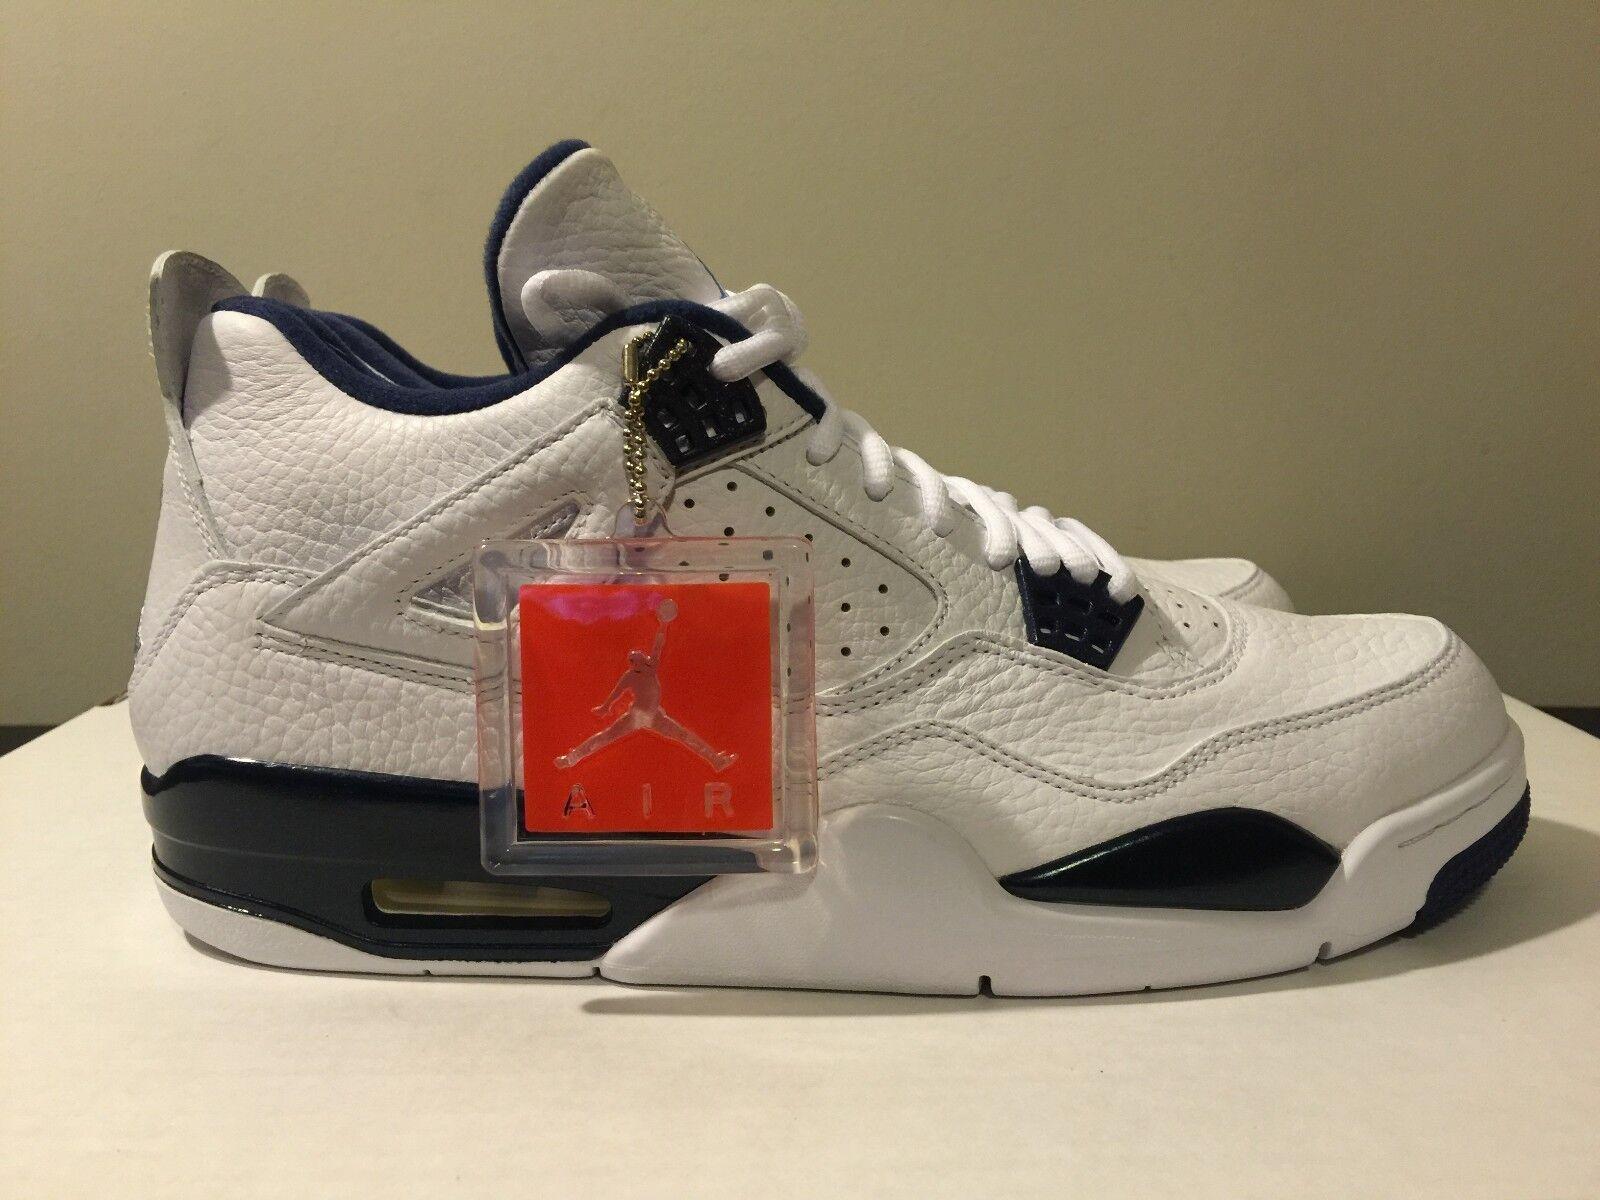 nike zoom kobe 1 chaussures ftb confortable de nouvelles chaussures 1 pour hommes et femmes, temps limité discount 2ec597